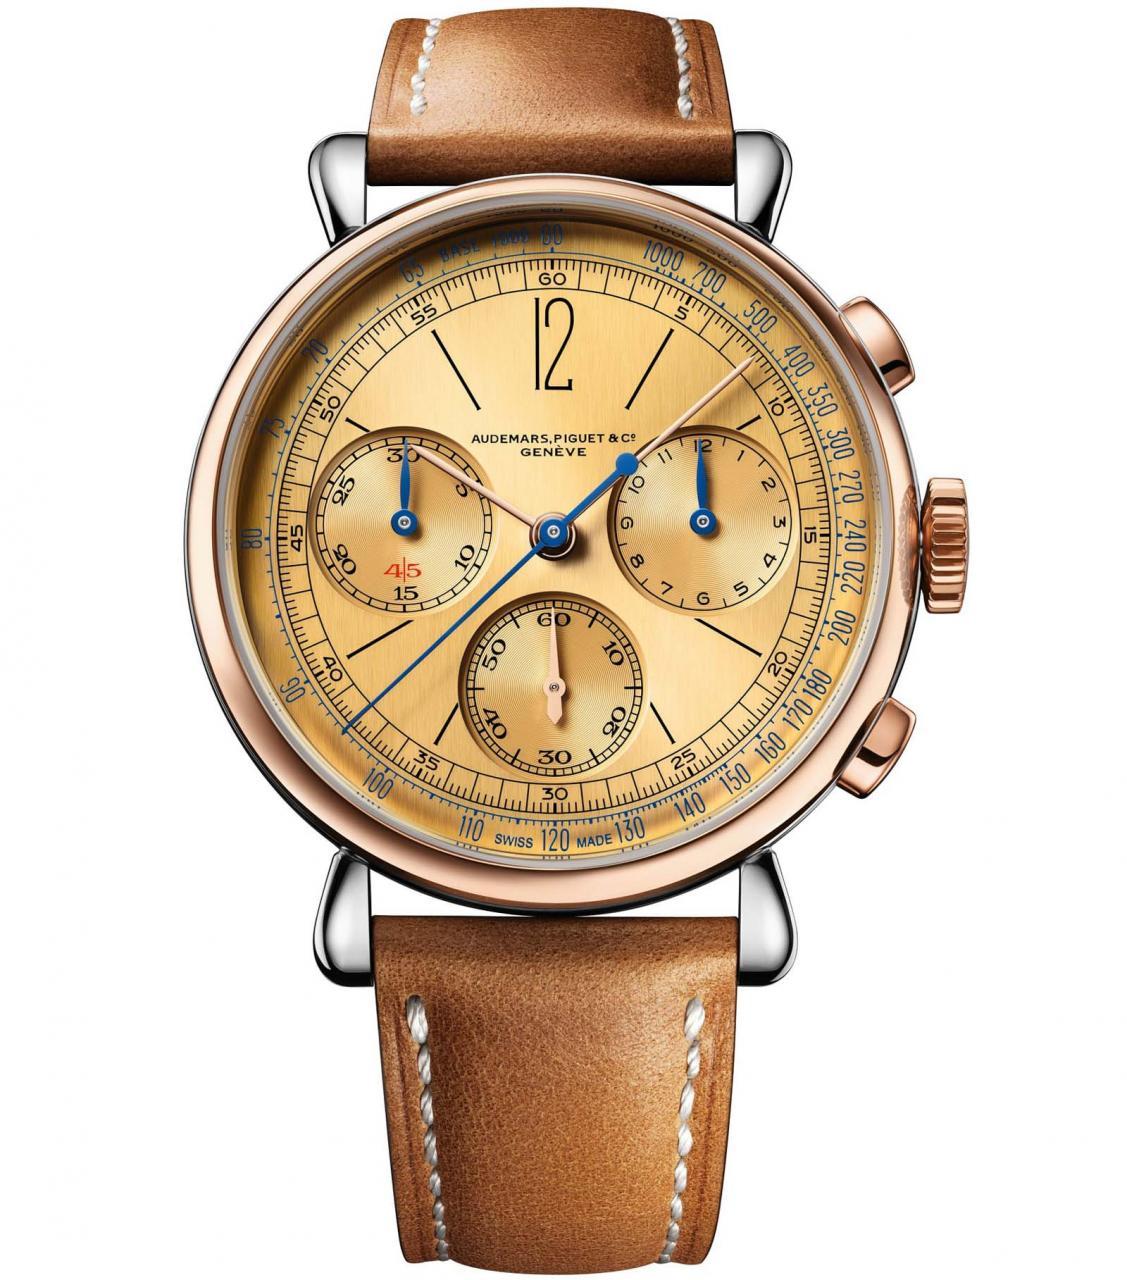 Audemars Piguet Remaster01 Self-Winding Replica Watches Watch